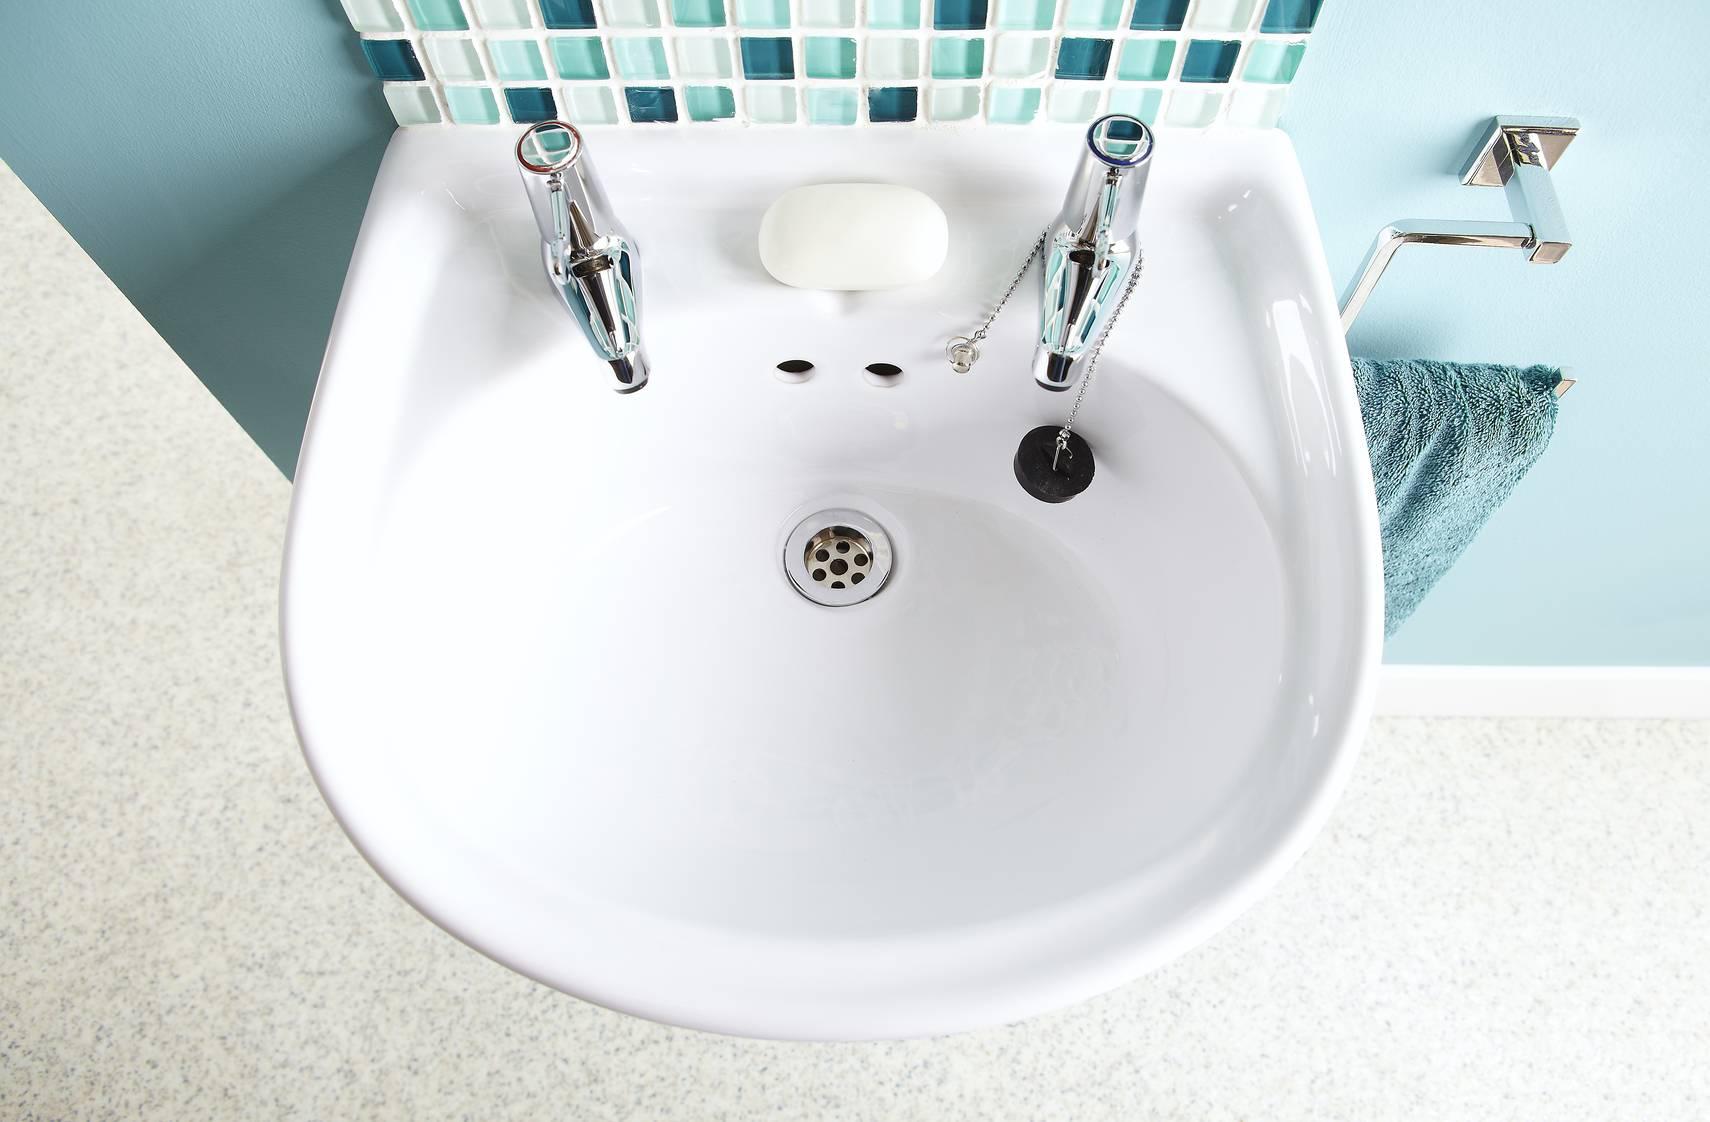 Remplacer un lavabo mat riaux n cessaires et d marches - Remplacer mitigeur lavabo ...